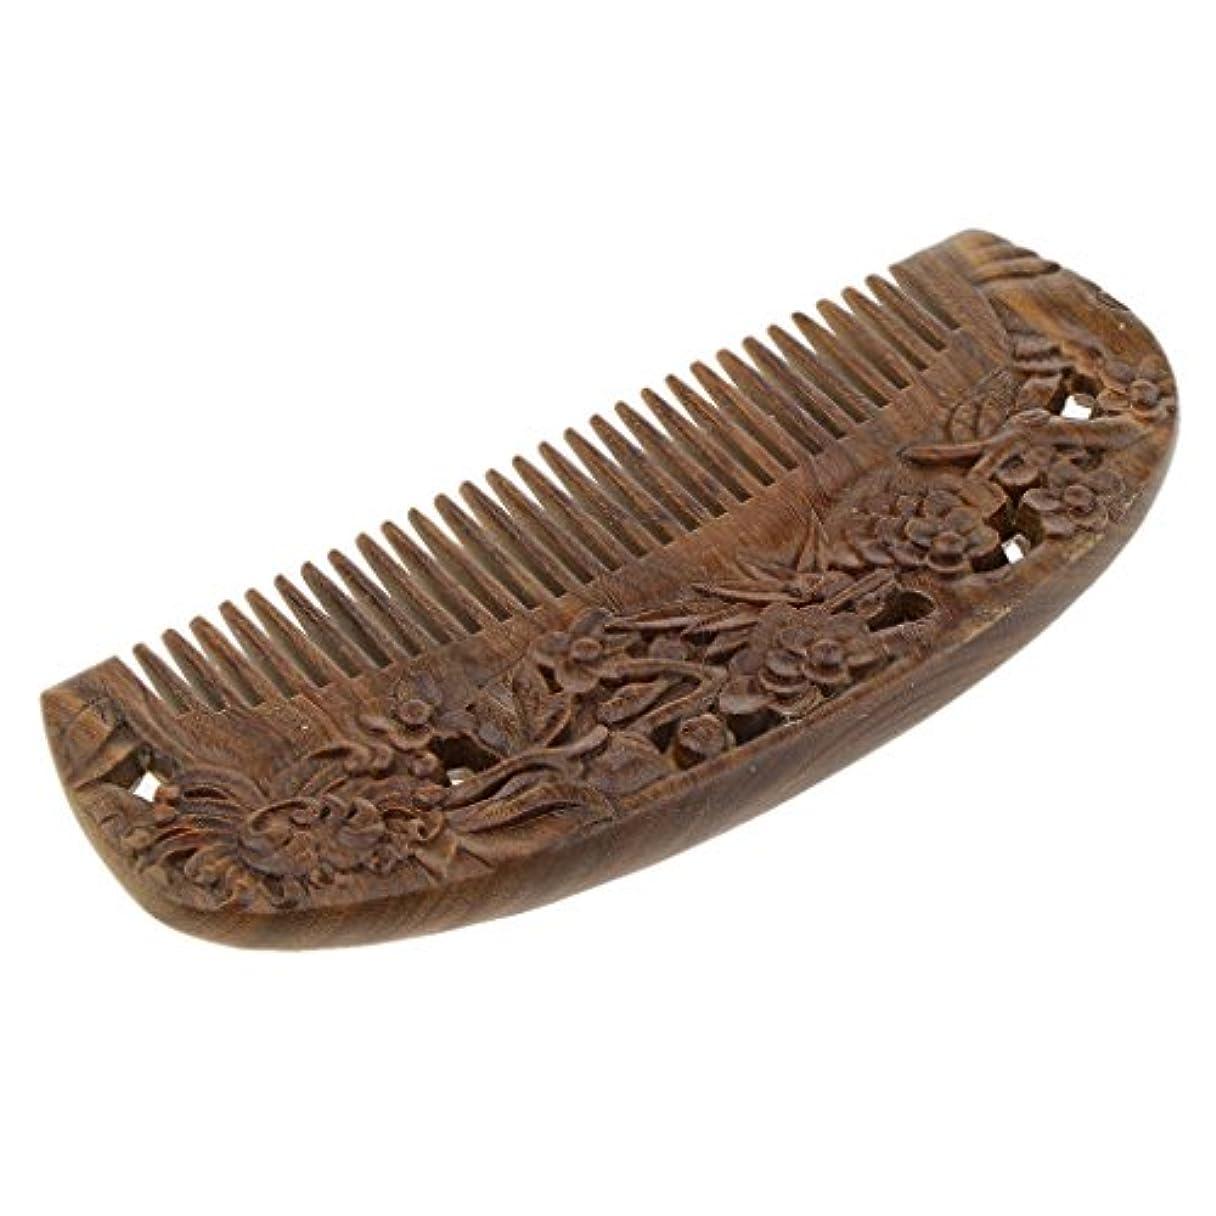 投獄憂慮すべき変数Baosity ヘアコーム 木製櫛 頭皮マッサージ 櫛 ヘアケア 静電気防止  イプ選べる - #2